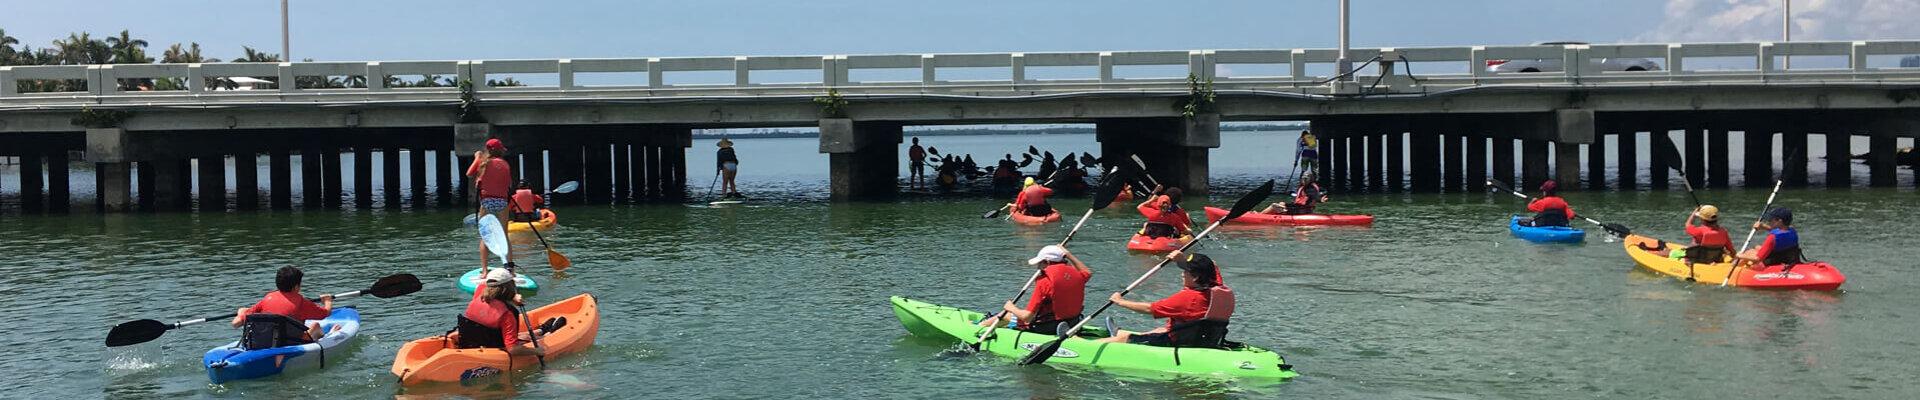 Biscayne Bay Kayak Paddleboard Rentals Miami